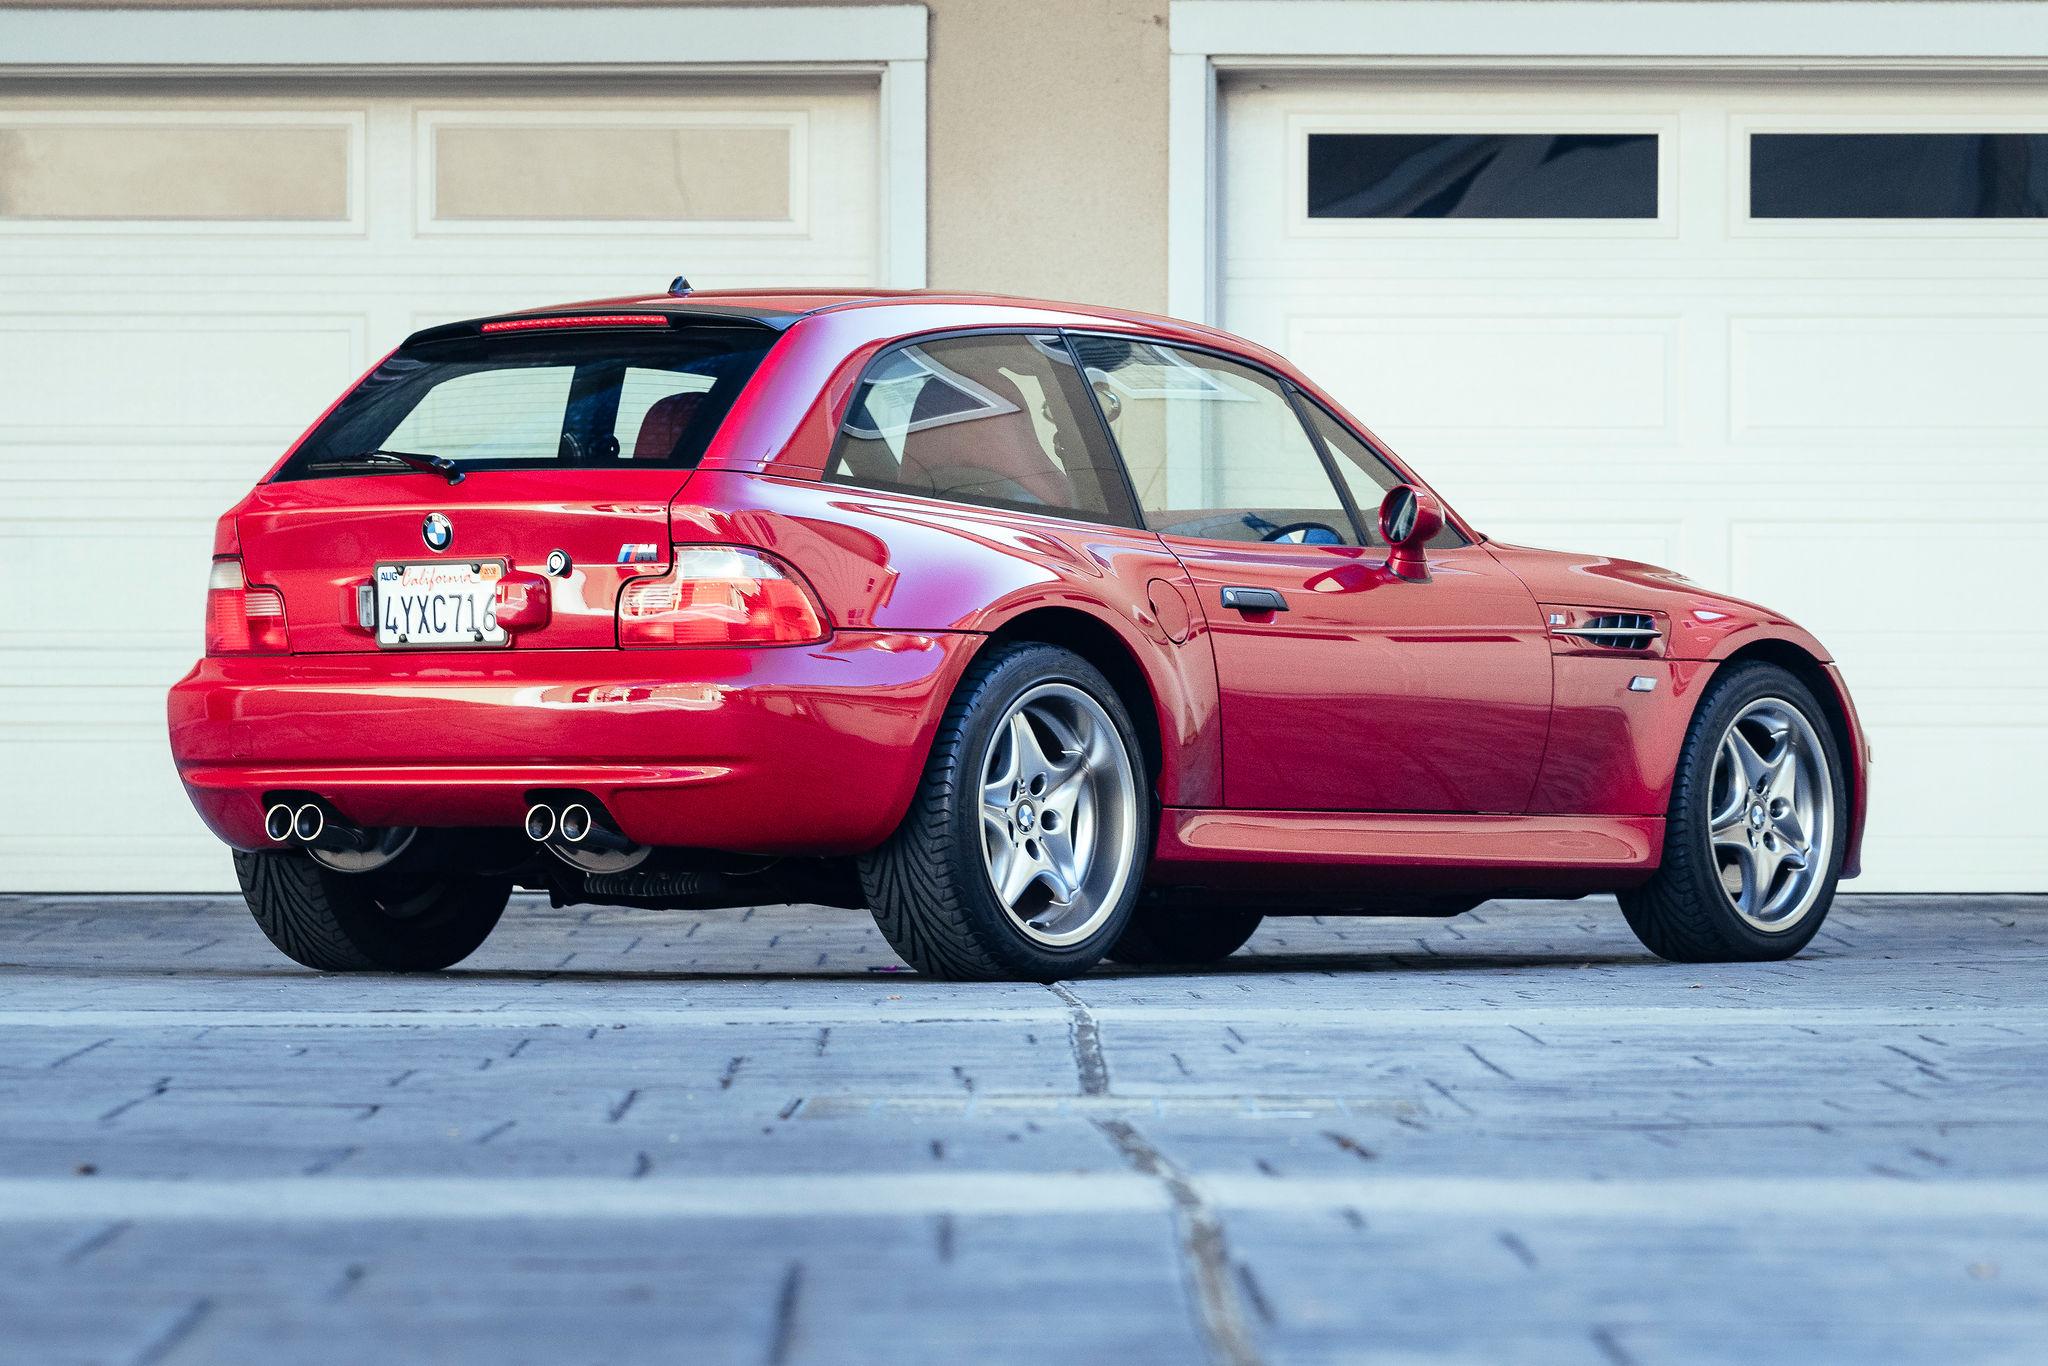 2002 BMW Z3 M Coupe 3/4 rear